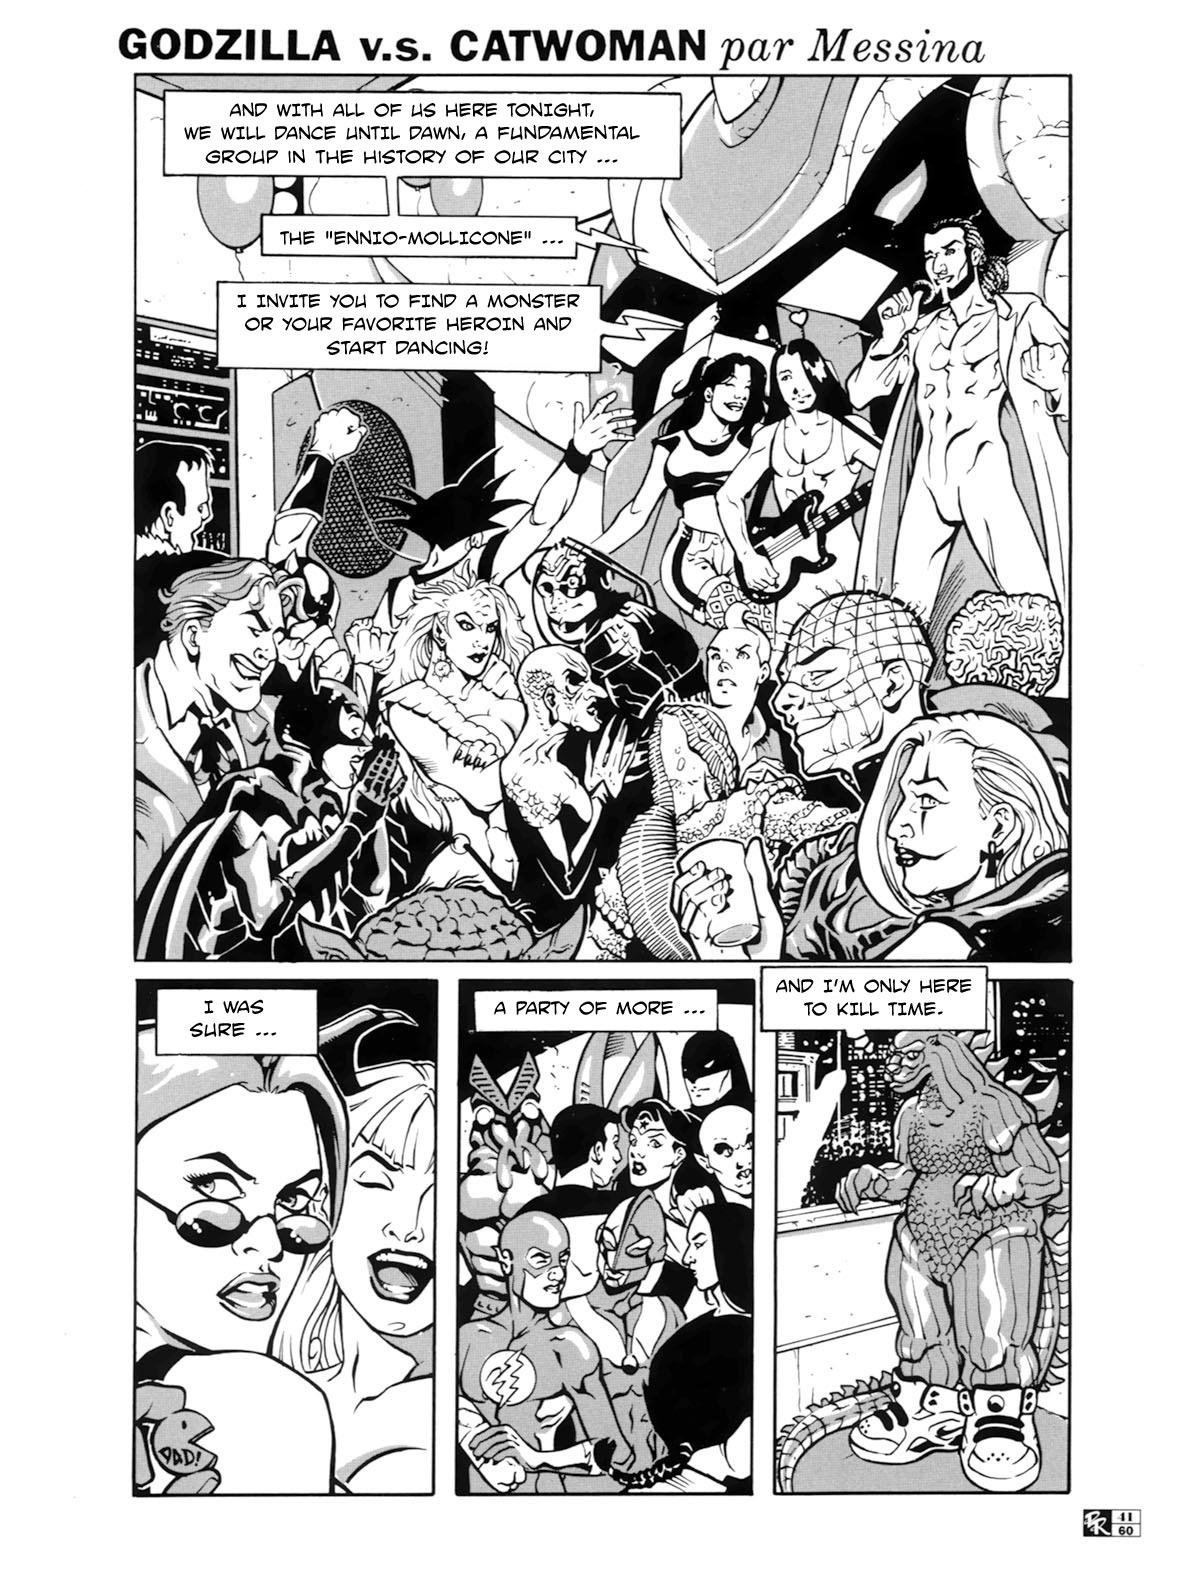 SureFap xxx porno Crossover - [Messina] - Godzilla V.S. Catwoman